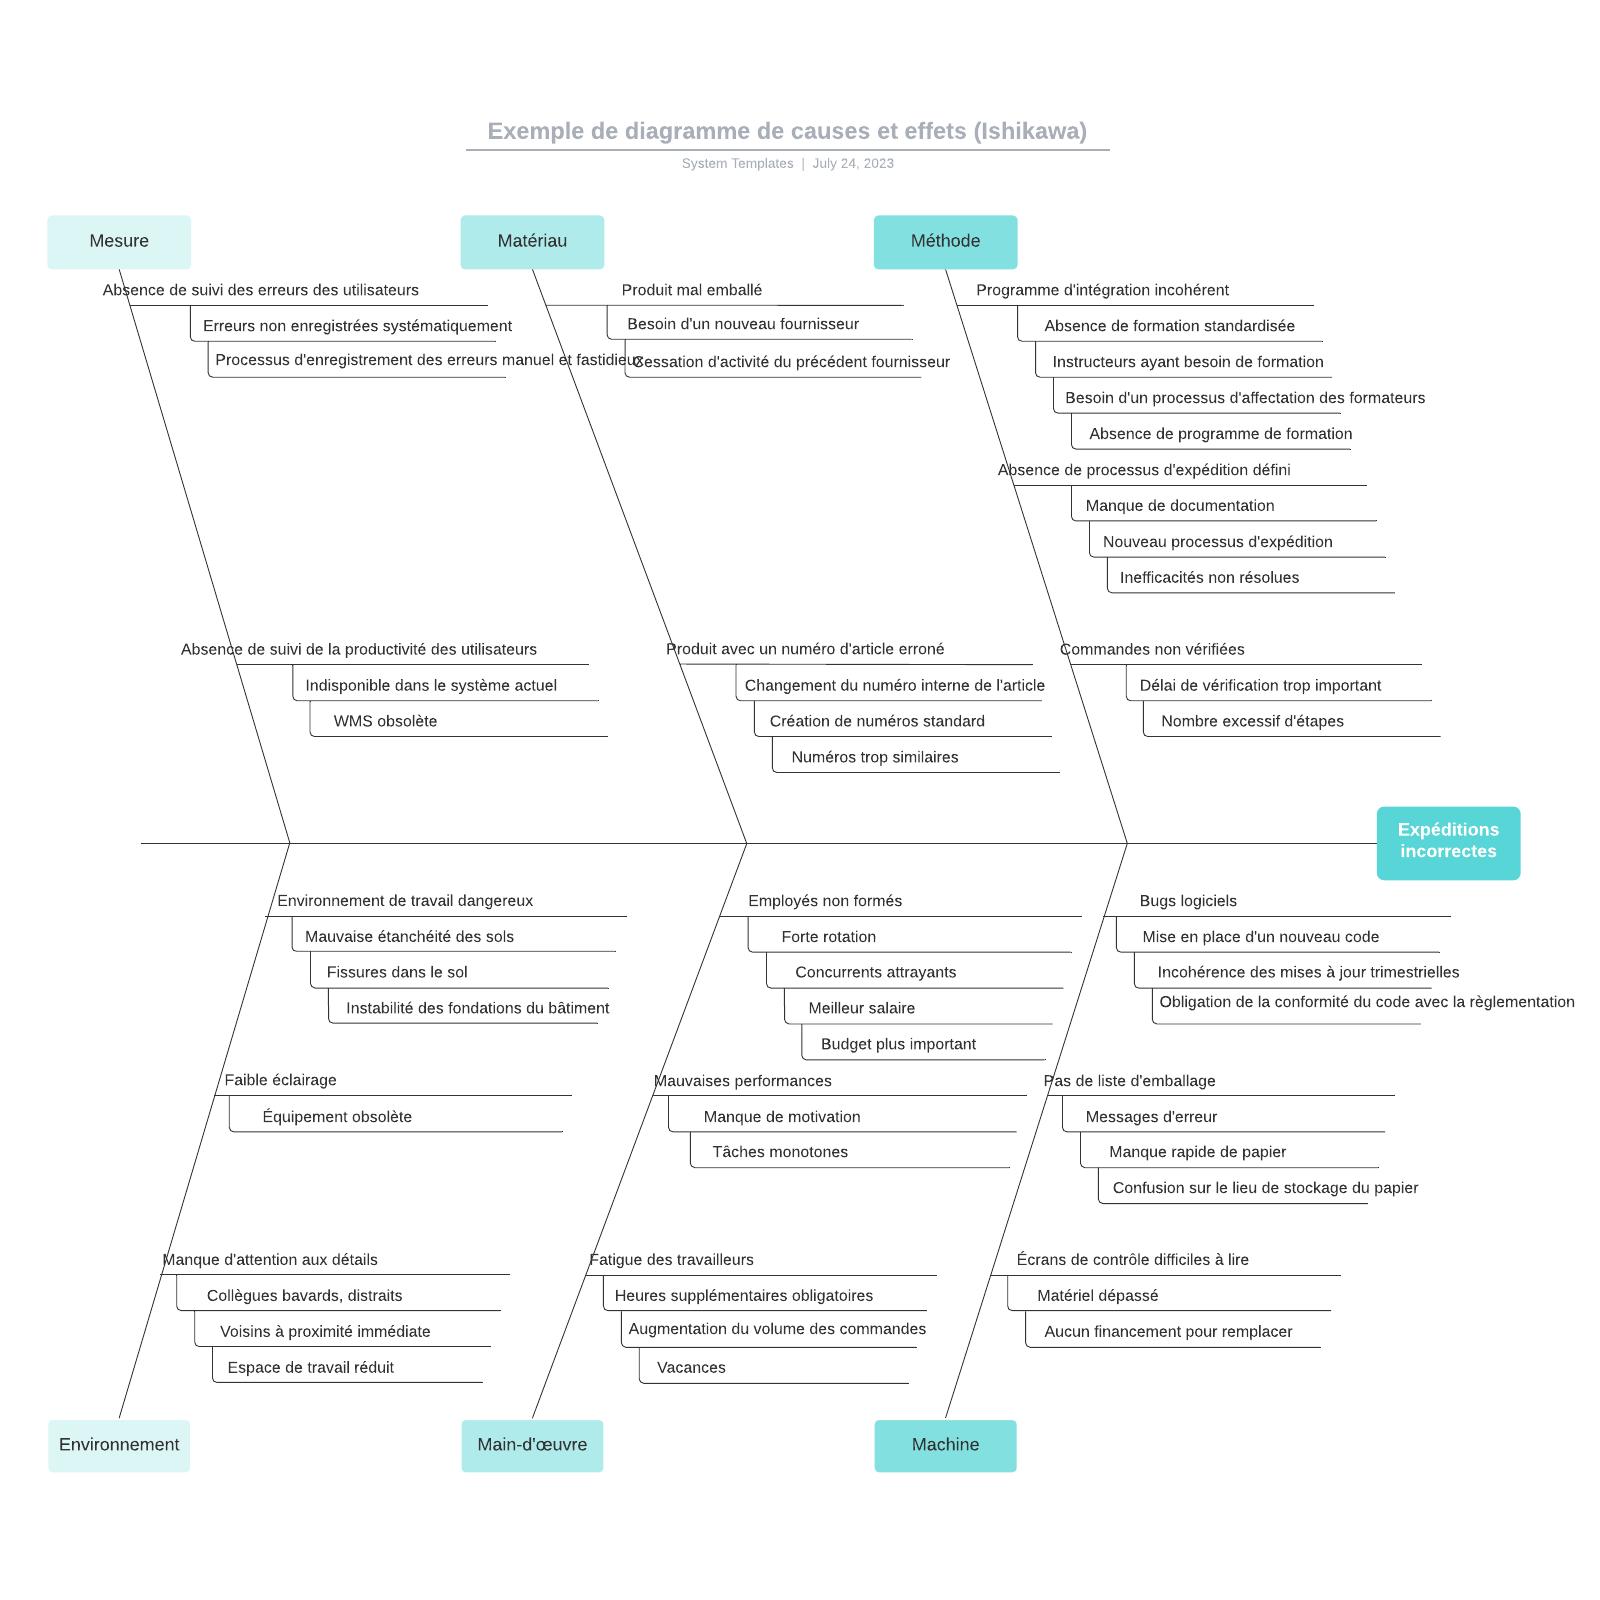 exemple de diagramme d'Ishikawa (causes et effets)